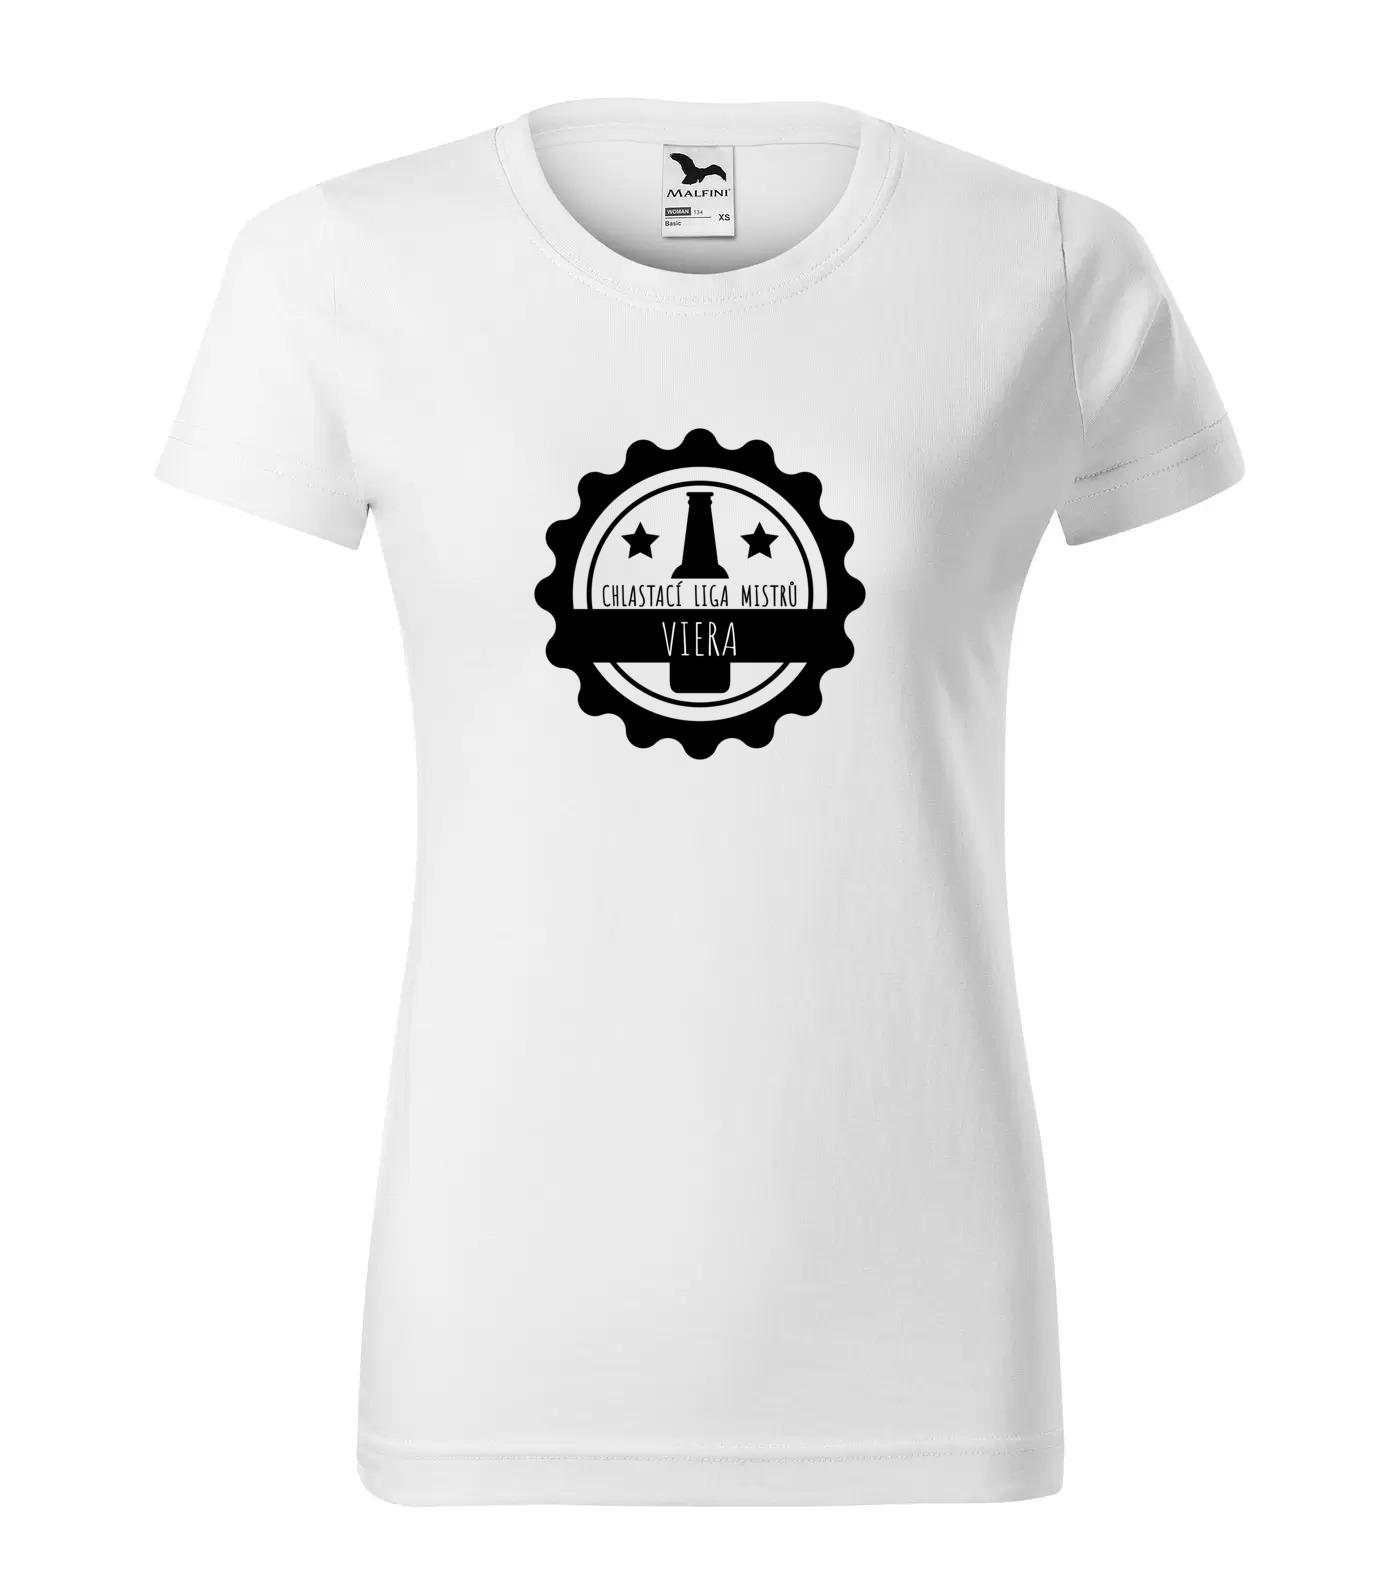 Tričko Chlastací liga žen Viera